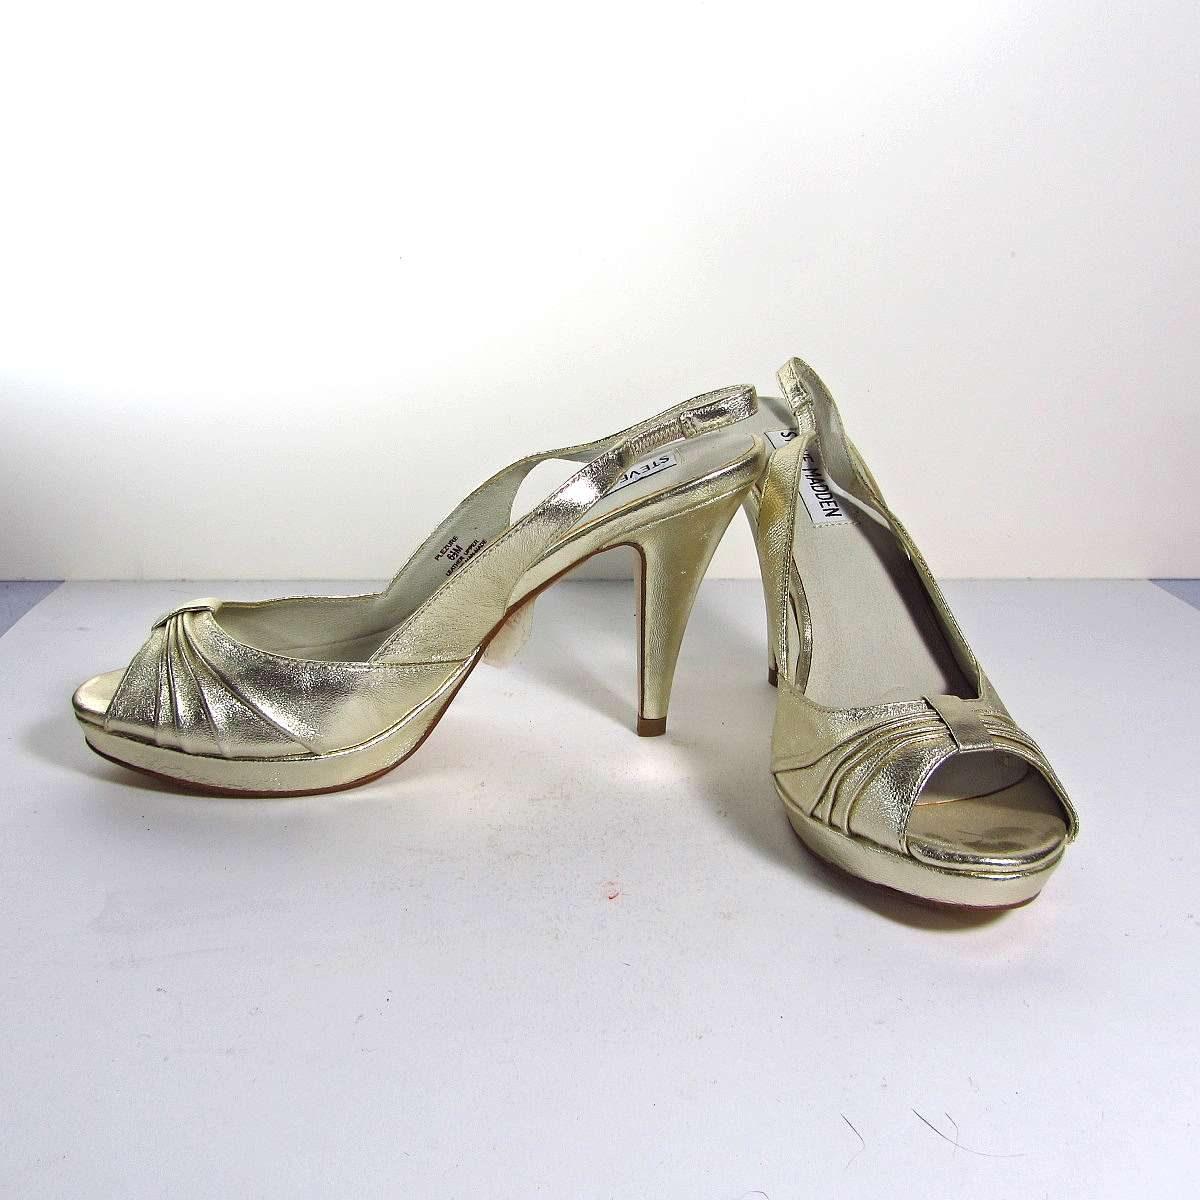 Steve Madden Gelin Ayakkabısı Deri-Kumaş-Tekstil Ayakkabı